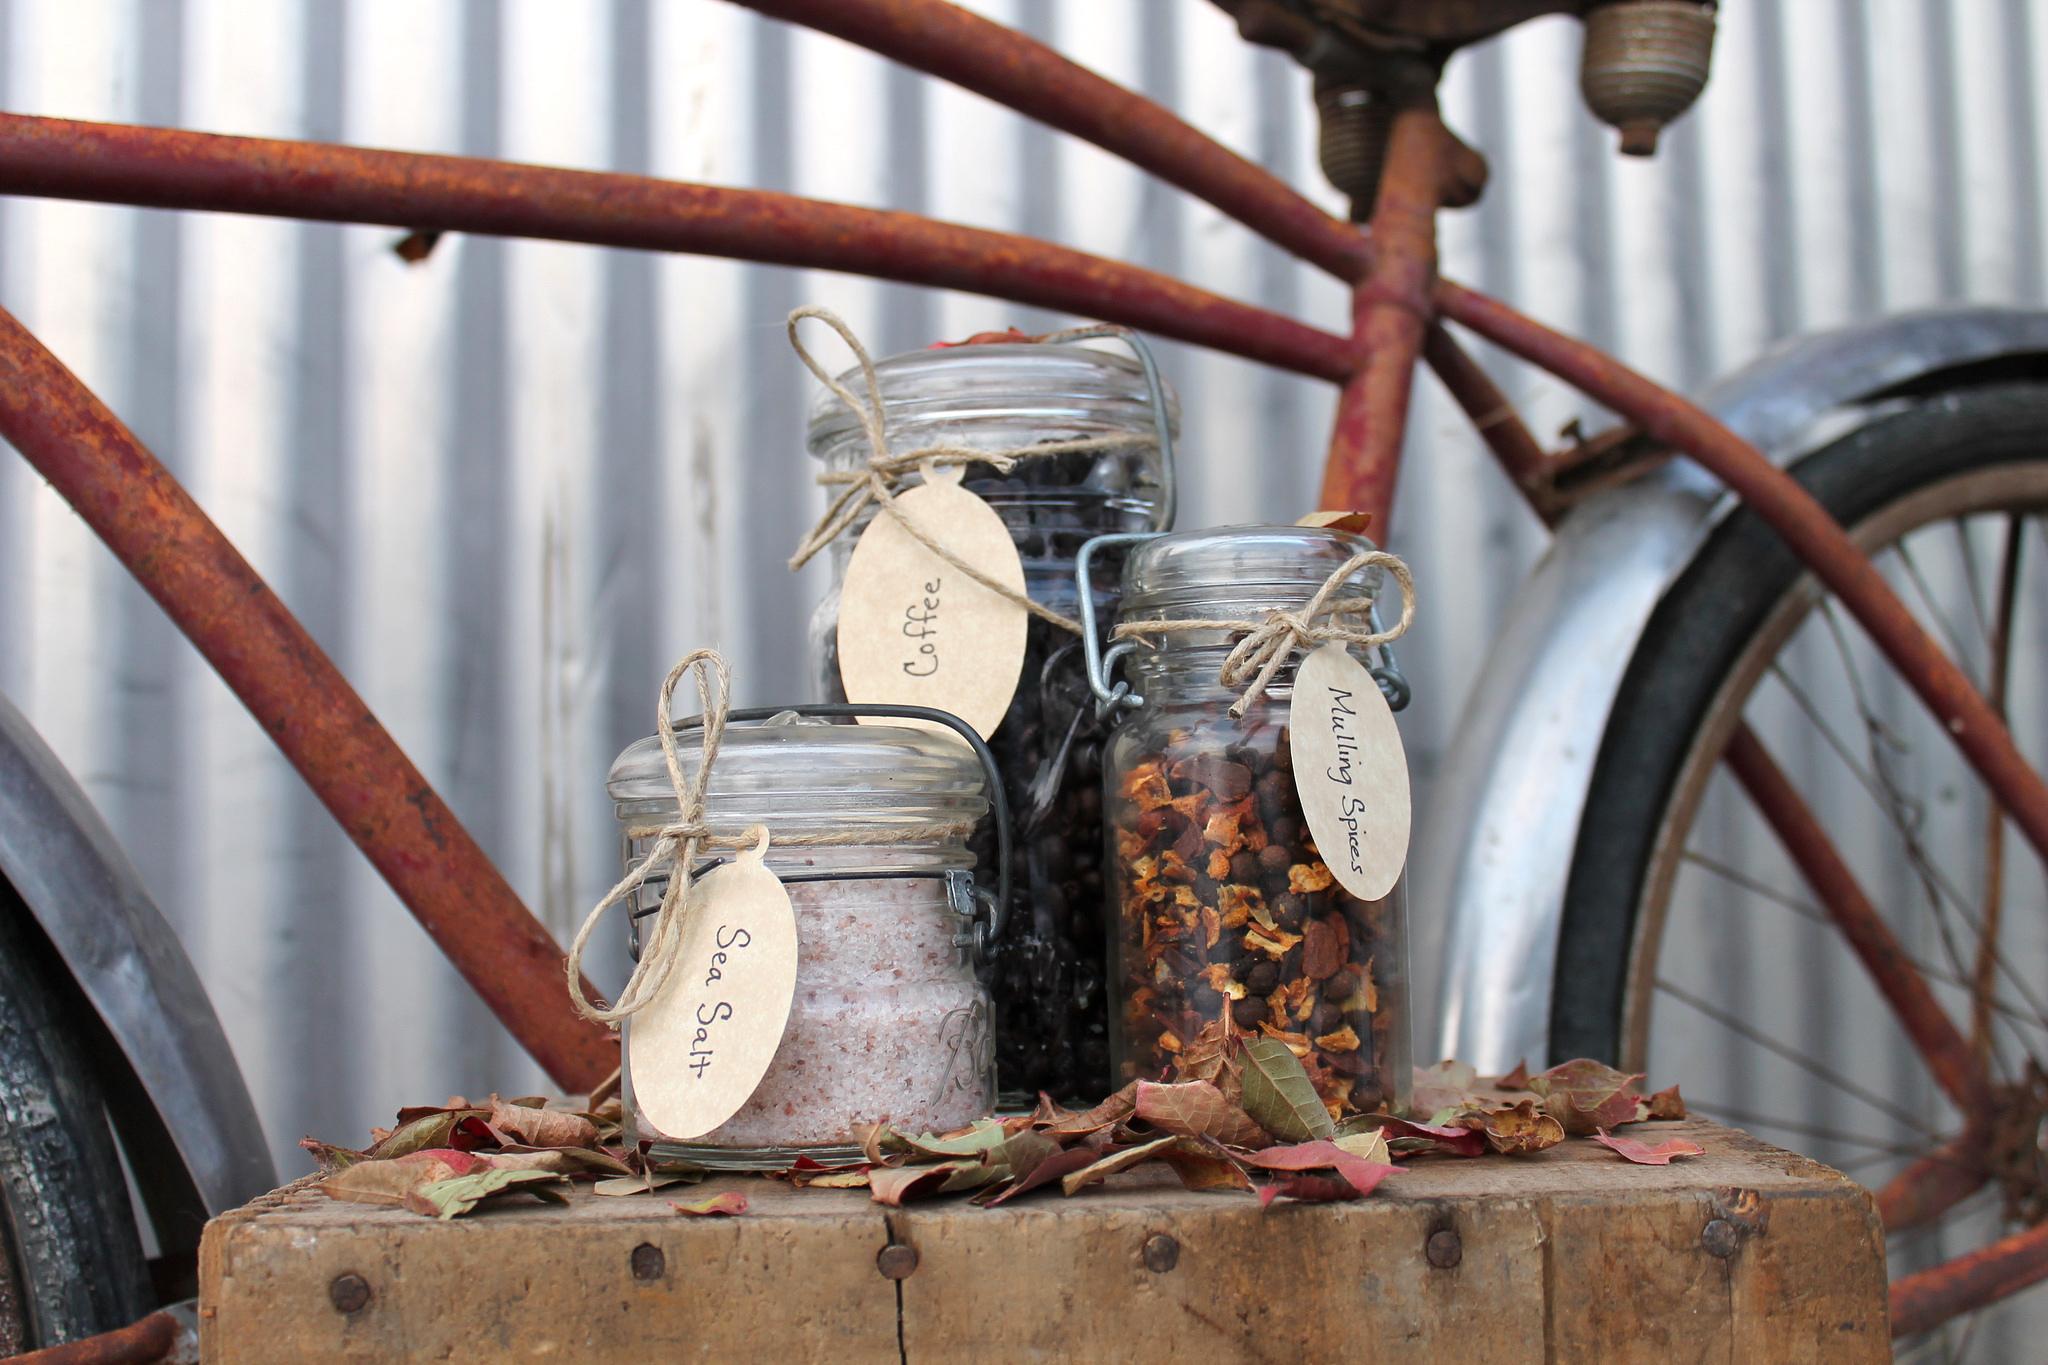 Mason Jar pots à épices (c) Nina Nelson CCBY20